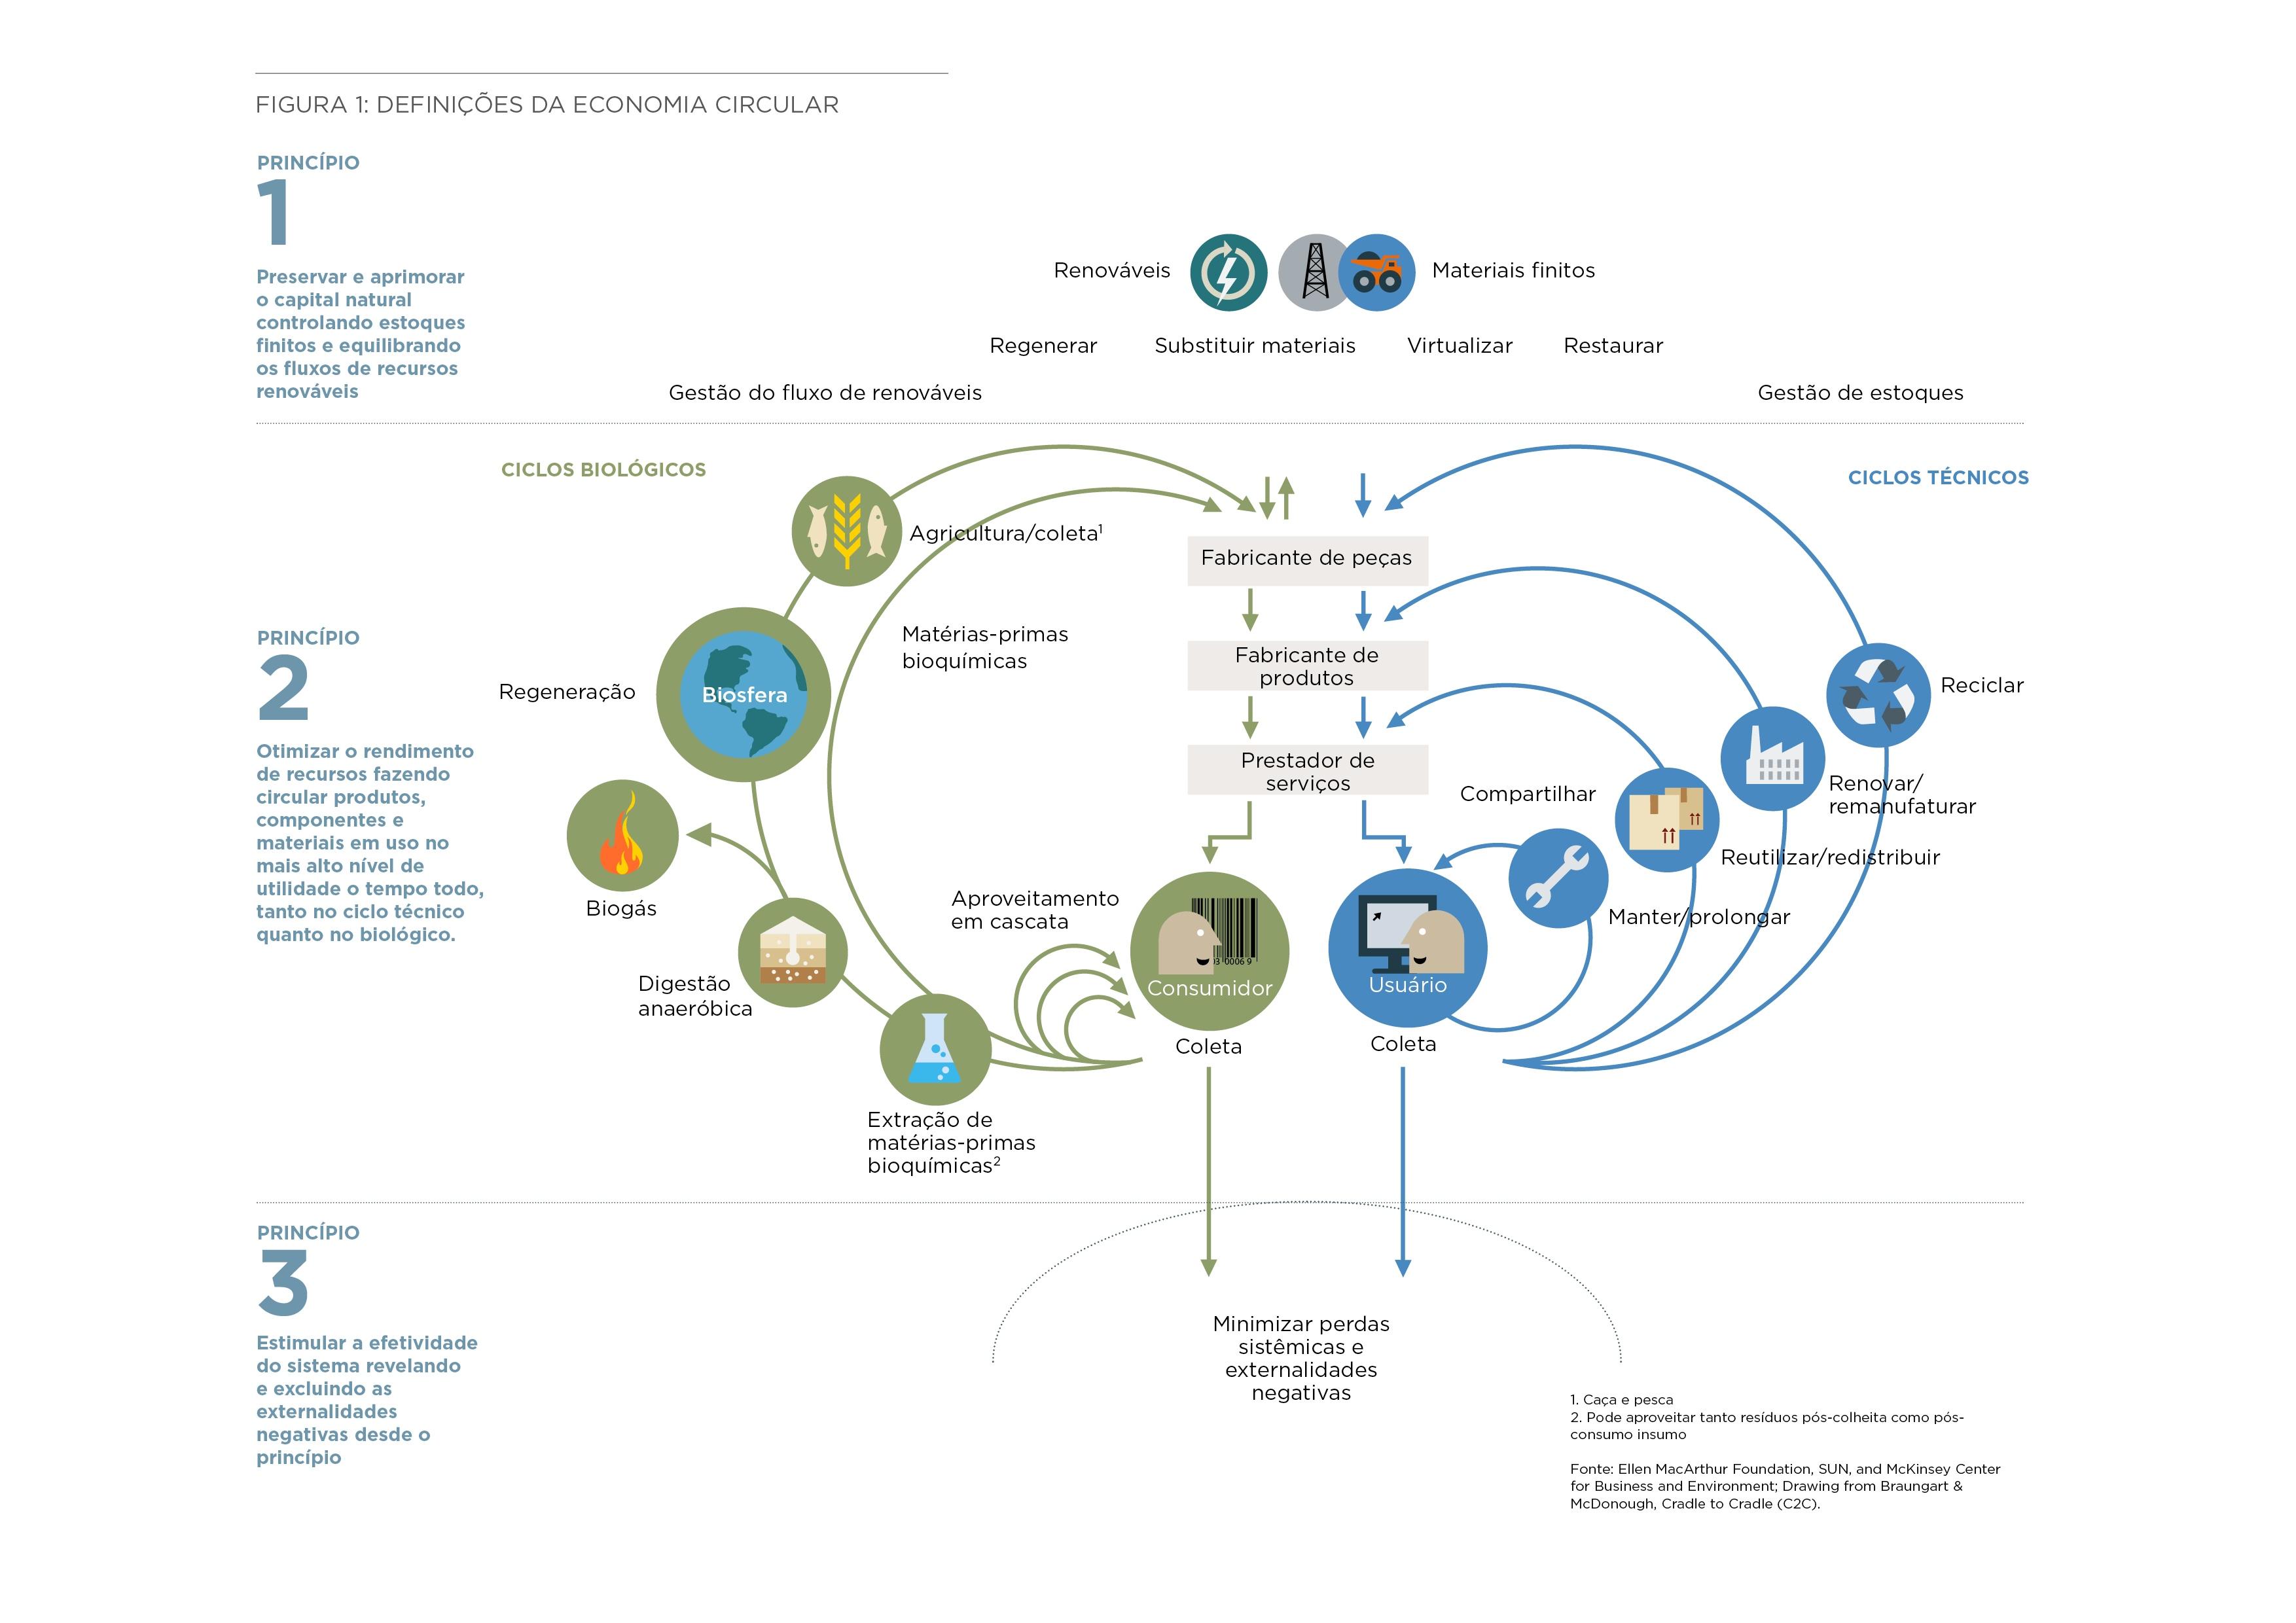 Definições da Economia Circular l Fonte: Fundação Ellen MacArthur